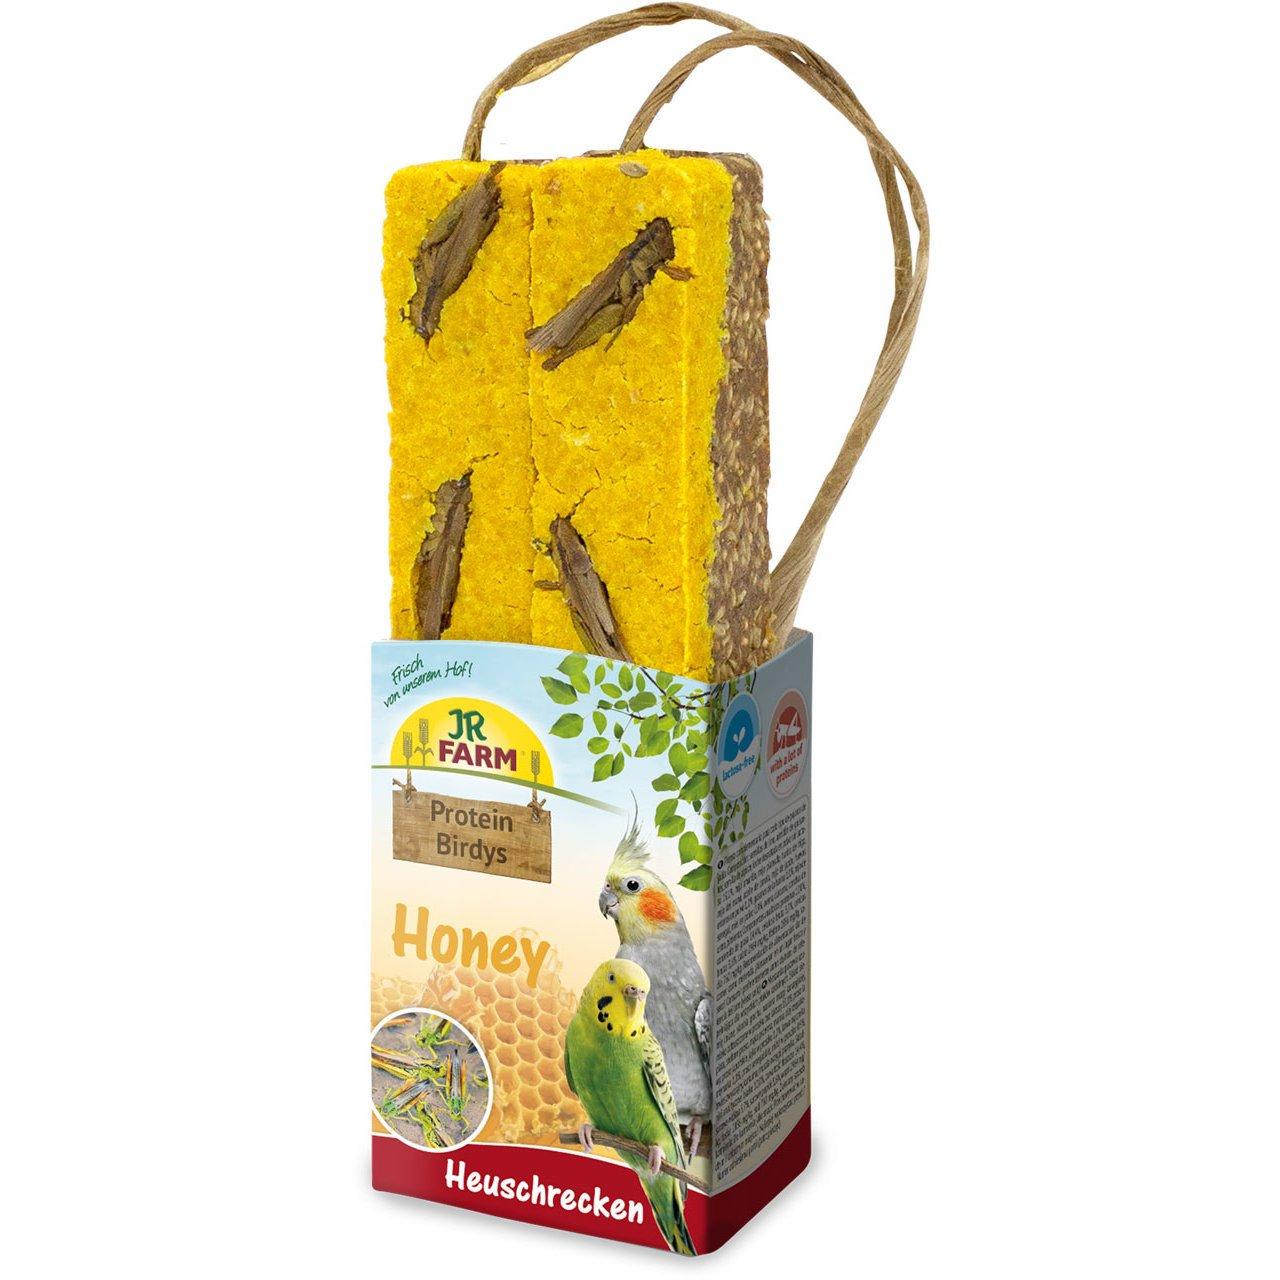 JR Farm Protein Birdys, Honey Heuschrecken 150g